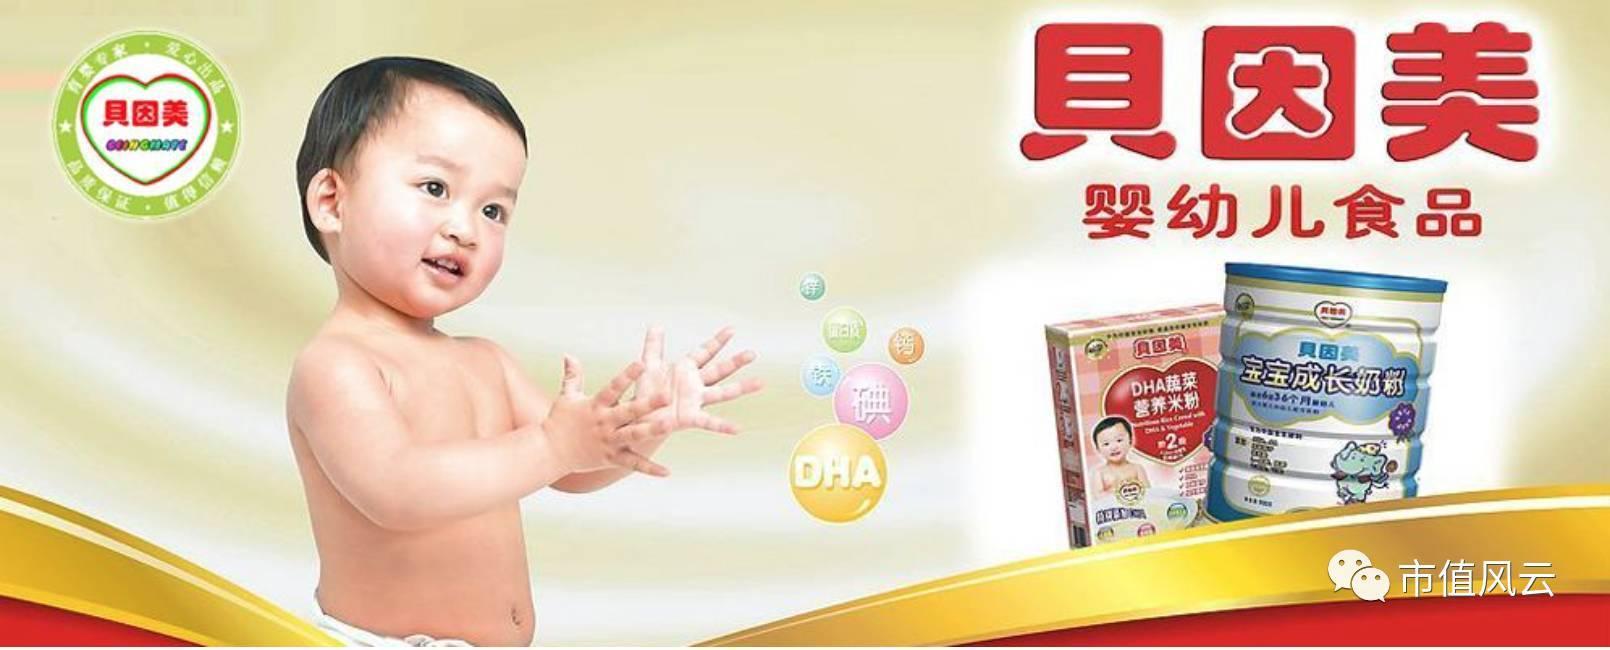 中国奶粉第一品牌贝因美没落记